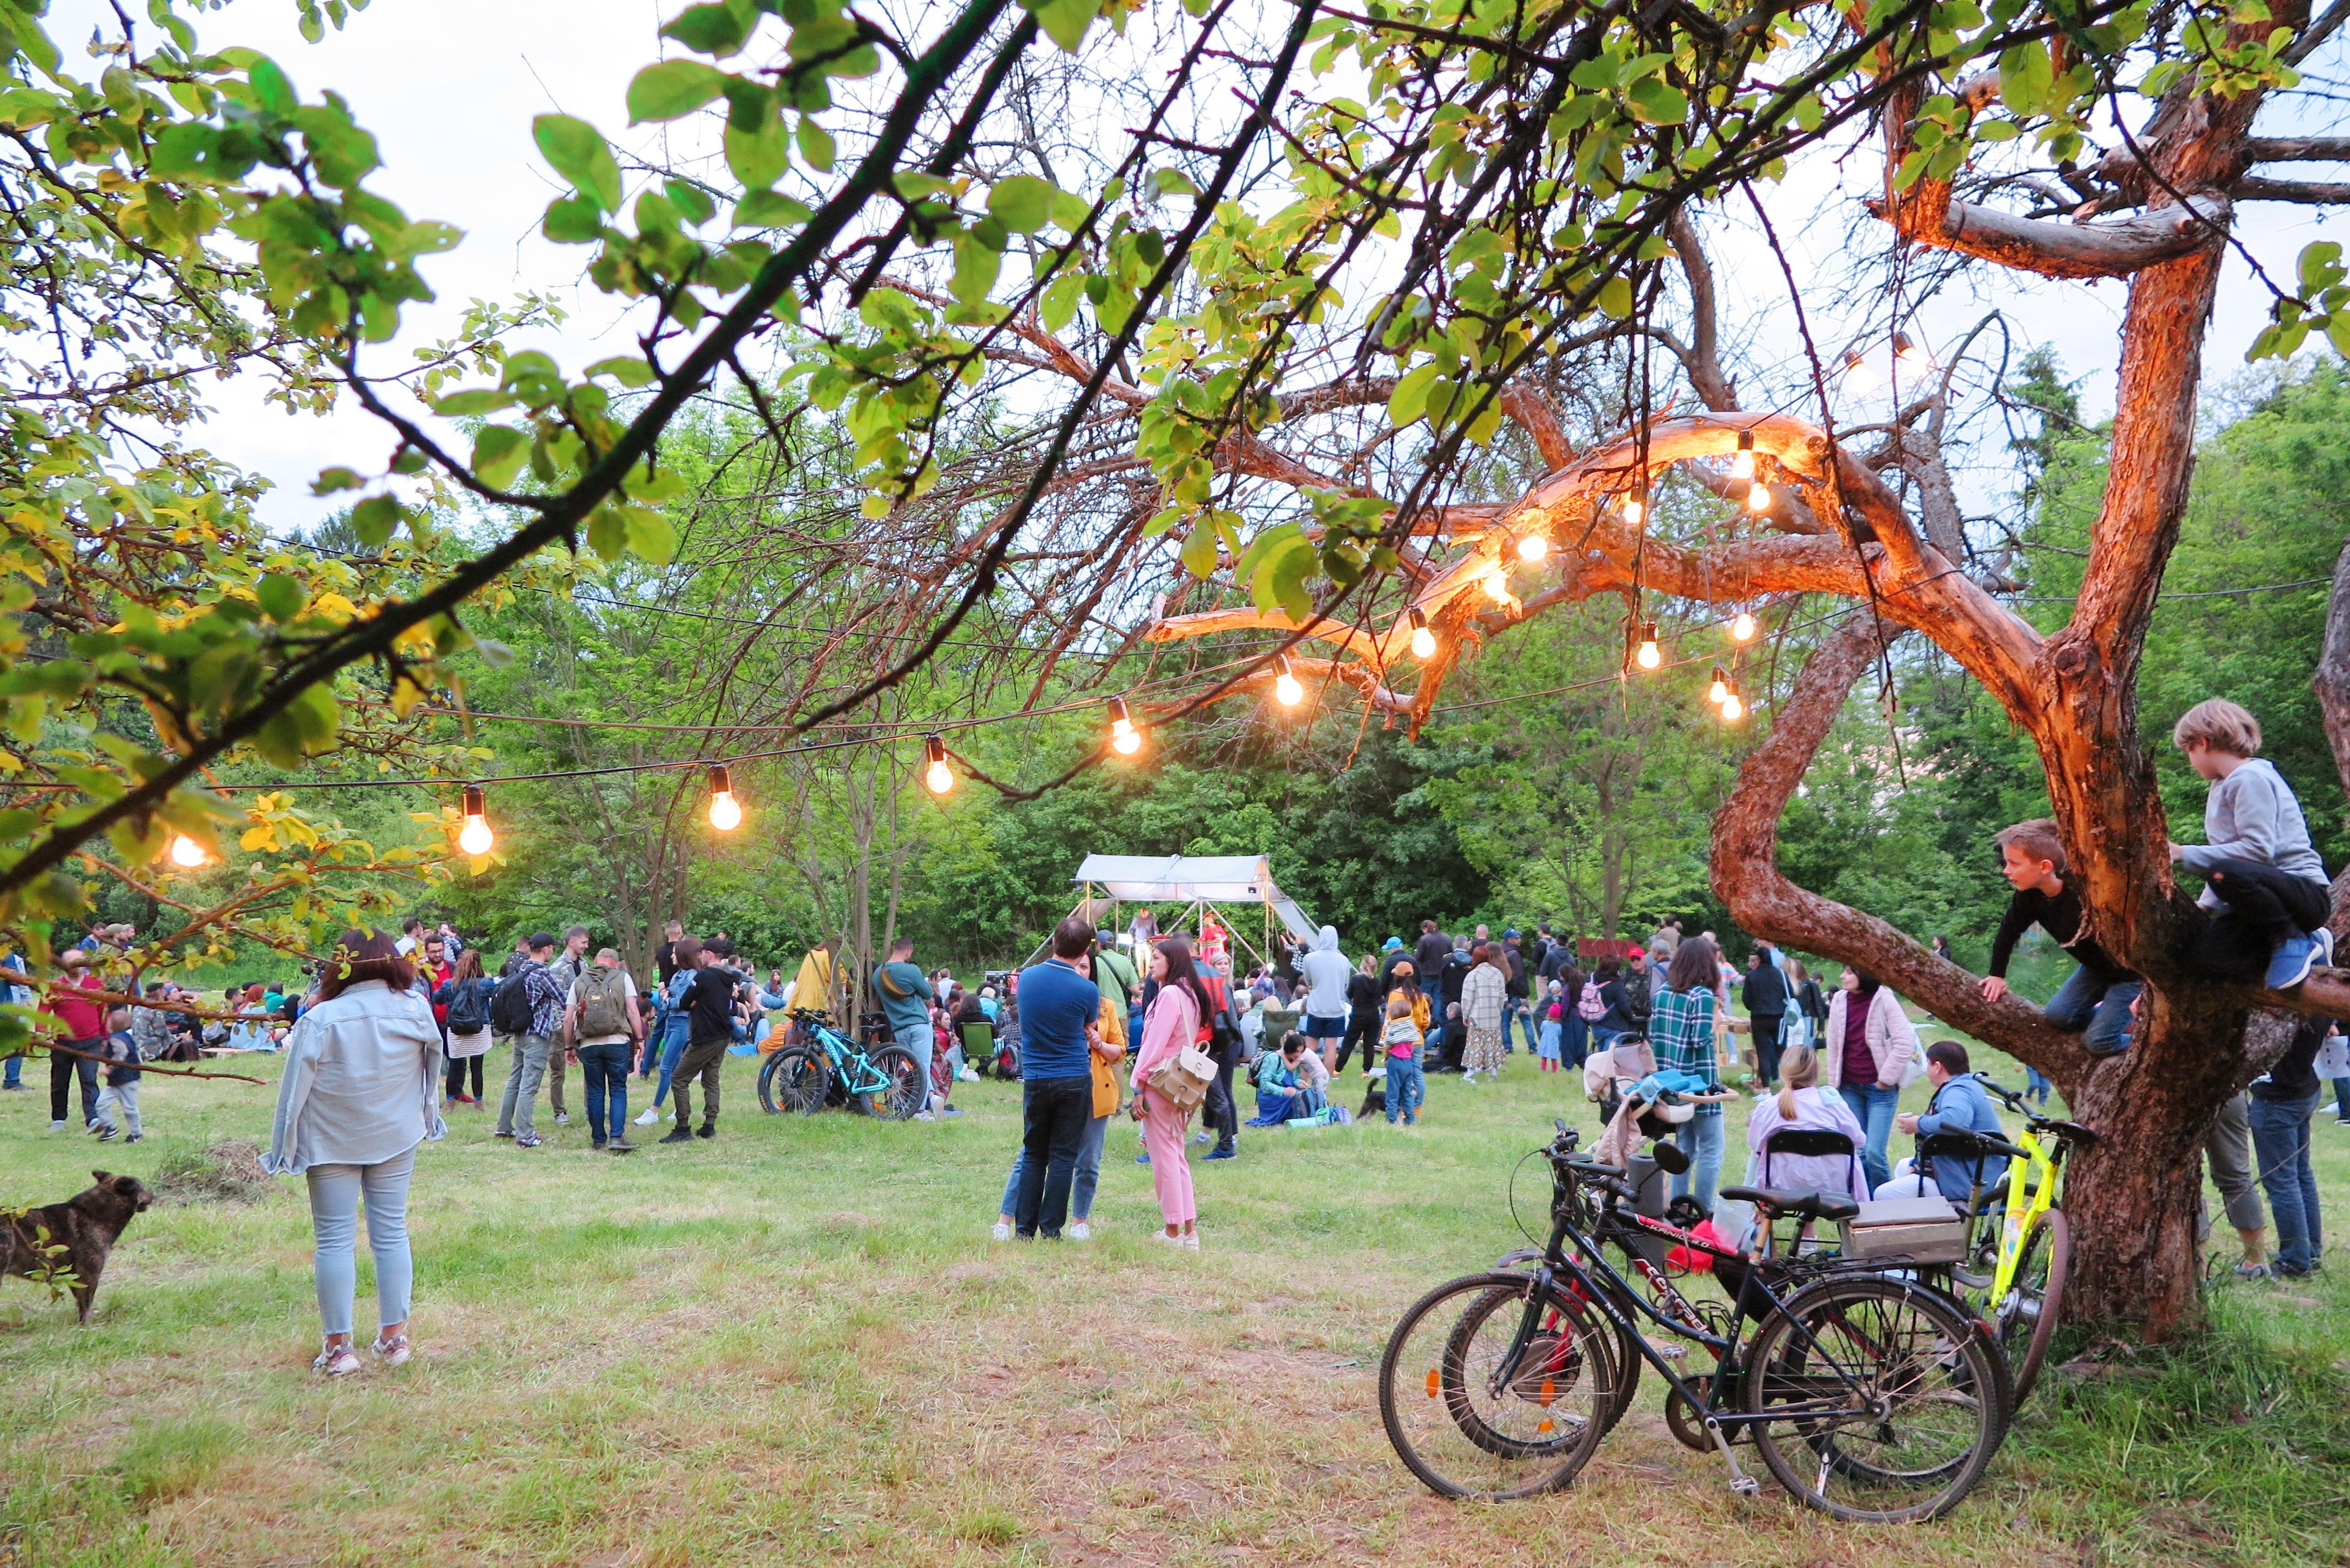 У Вінниці відбудеться мистецький фестиваль просто неба «Ticket to the Sun» (Фото)